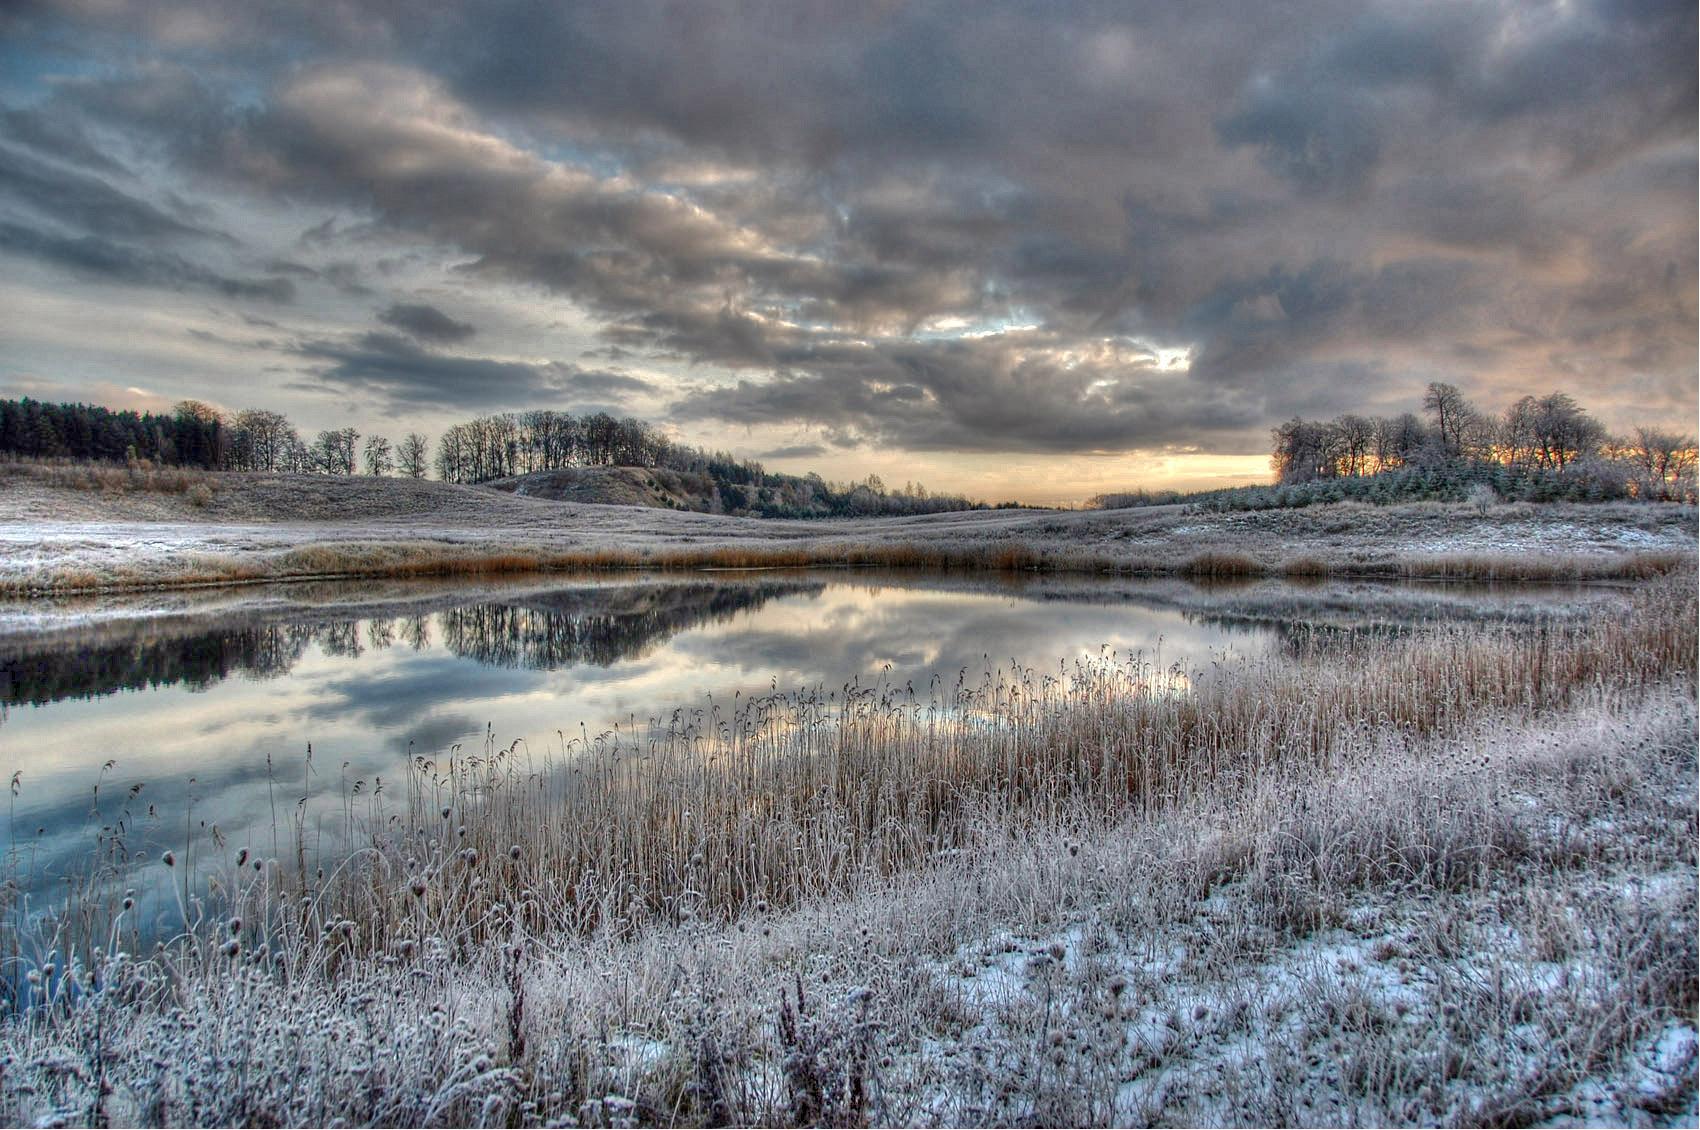 Gray Wet & Dark In Denmark - Flemming christiansen